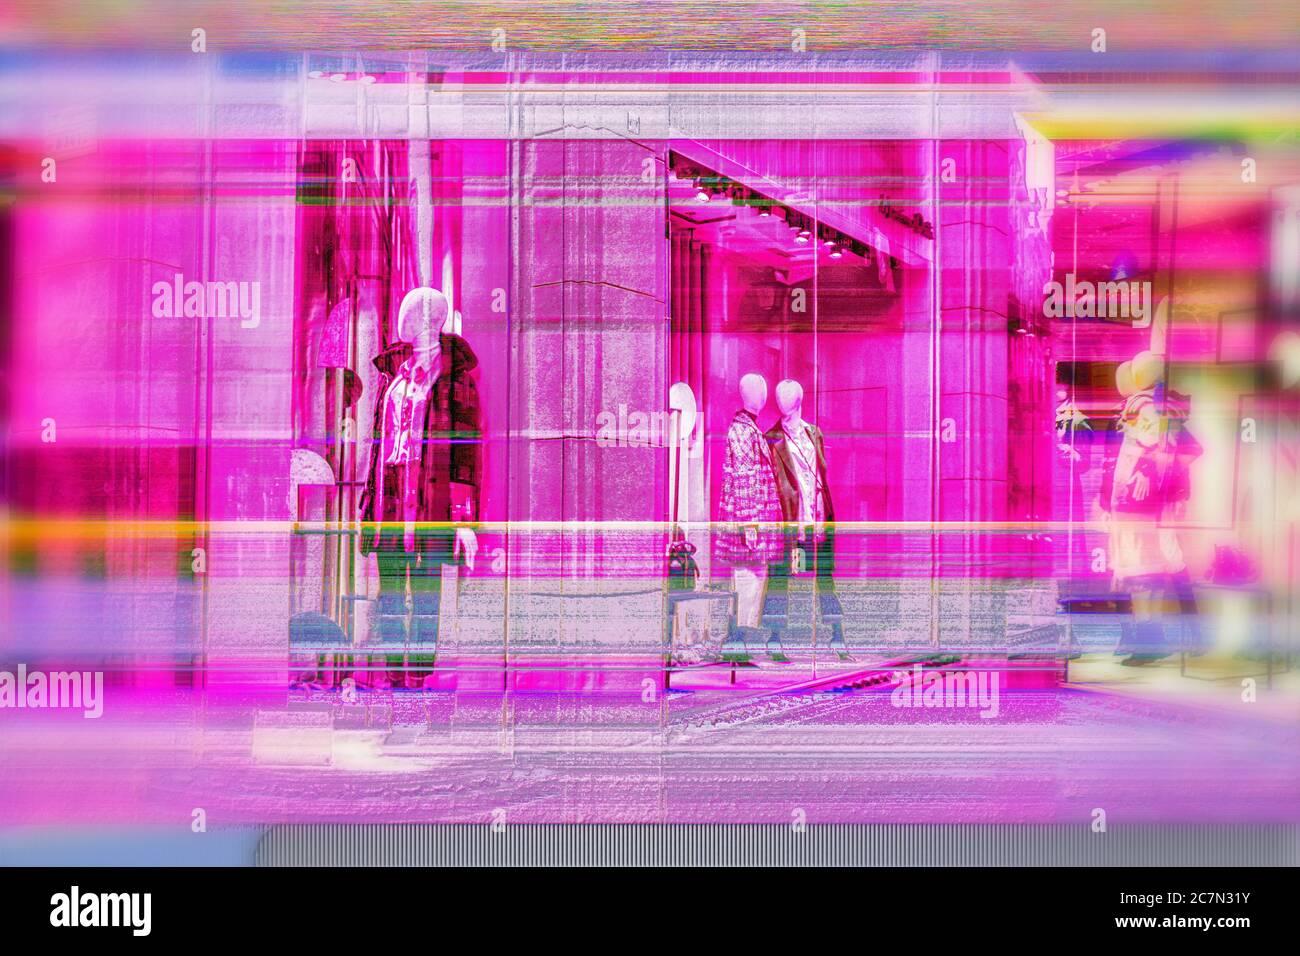 Las tiendas de moda digitalizadas de gama alta alinean una calle en Barcelona, España. Foto de stock